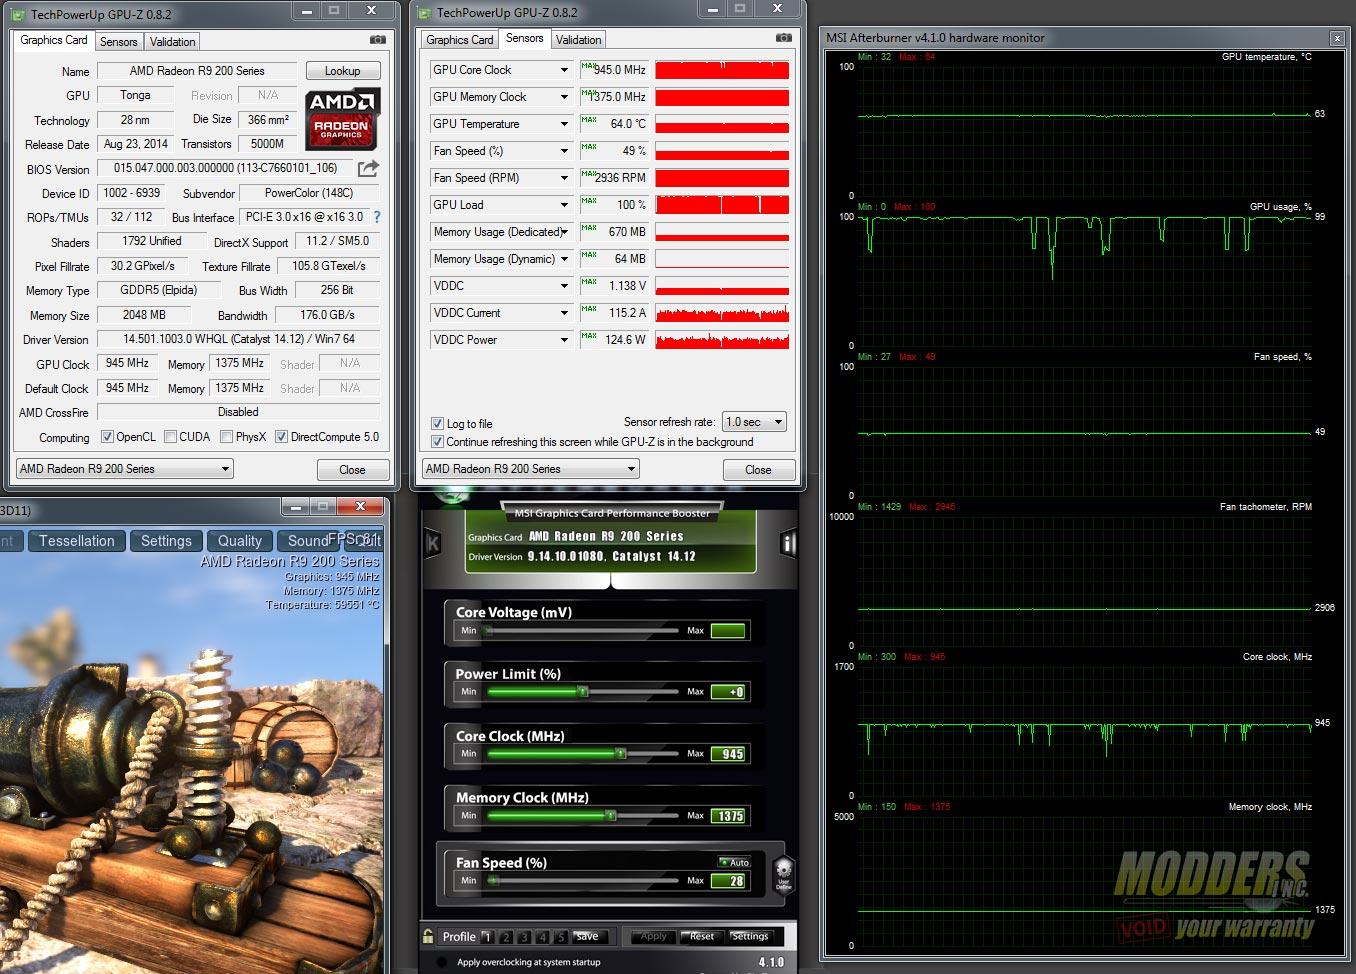 PowerColor R9 285 TurboDuo Default FAN 945MHz Core 1375MHz Mem